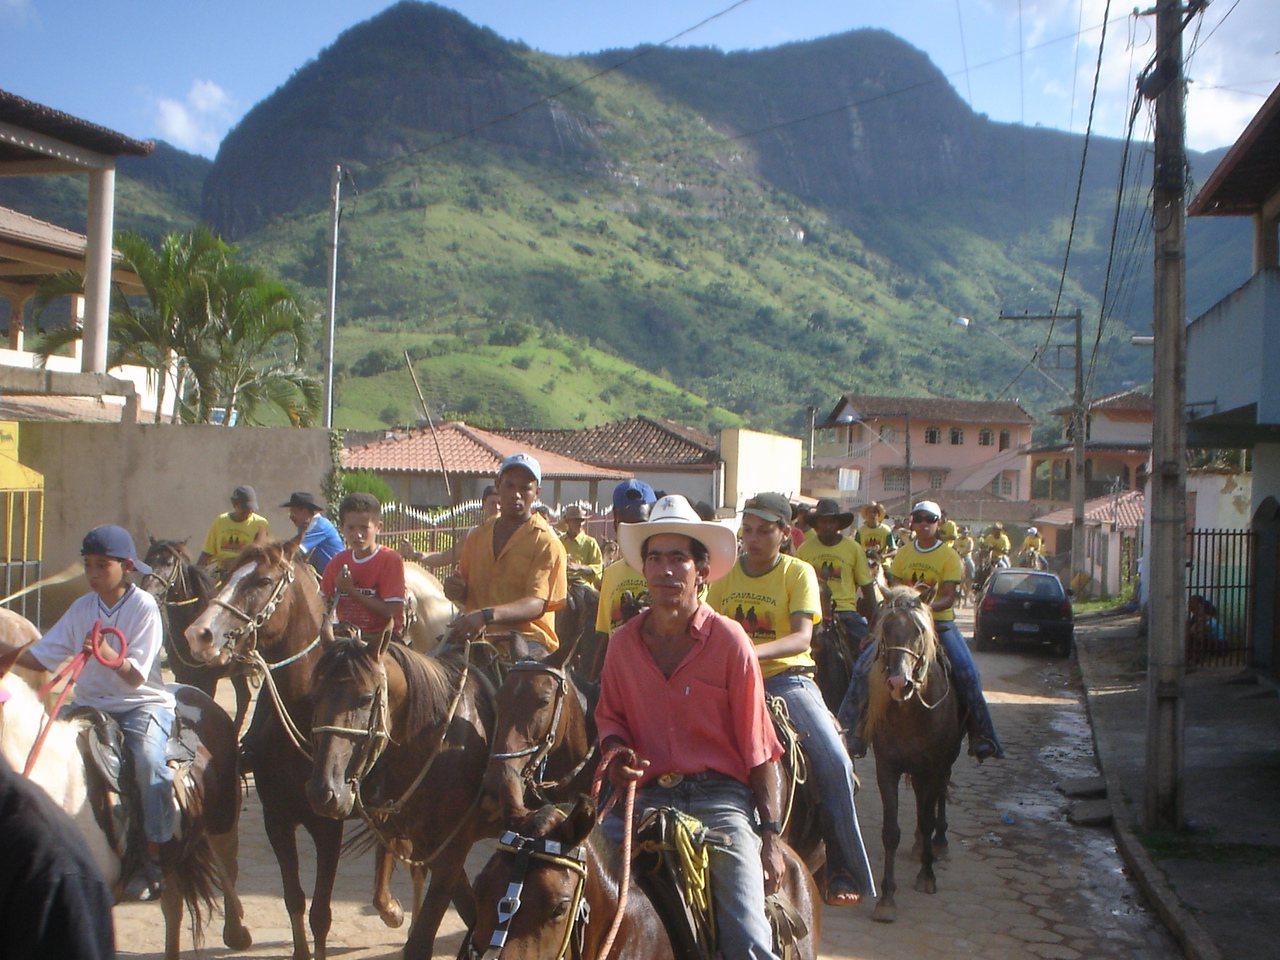 São Geraldo Minas Gerais fonte: upload.wikimedia.org